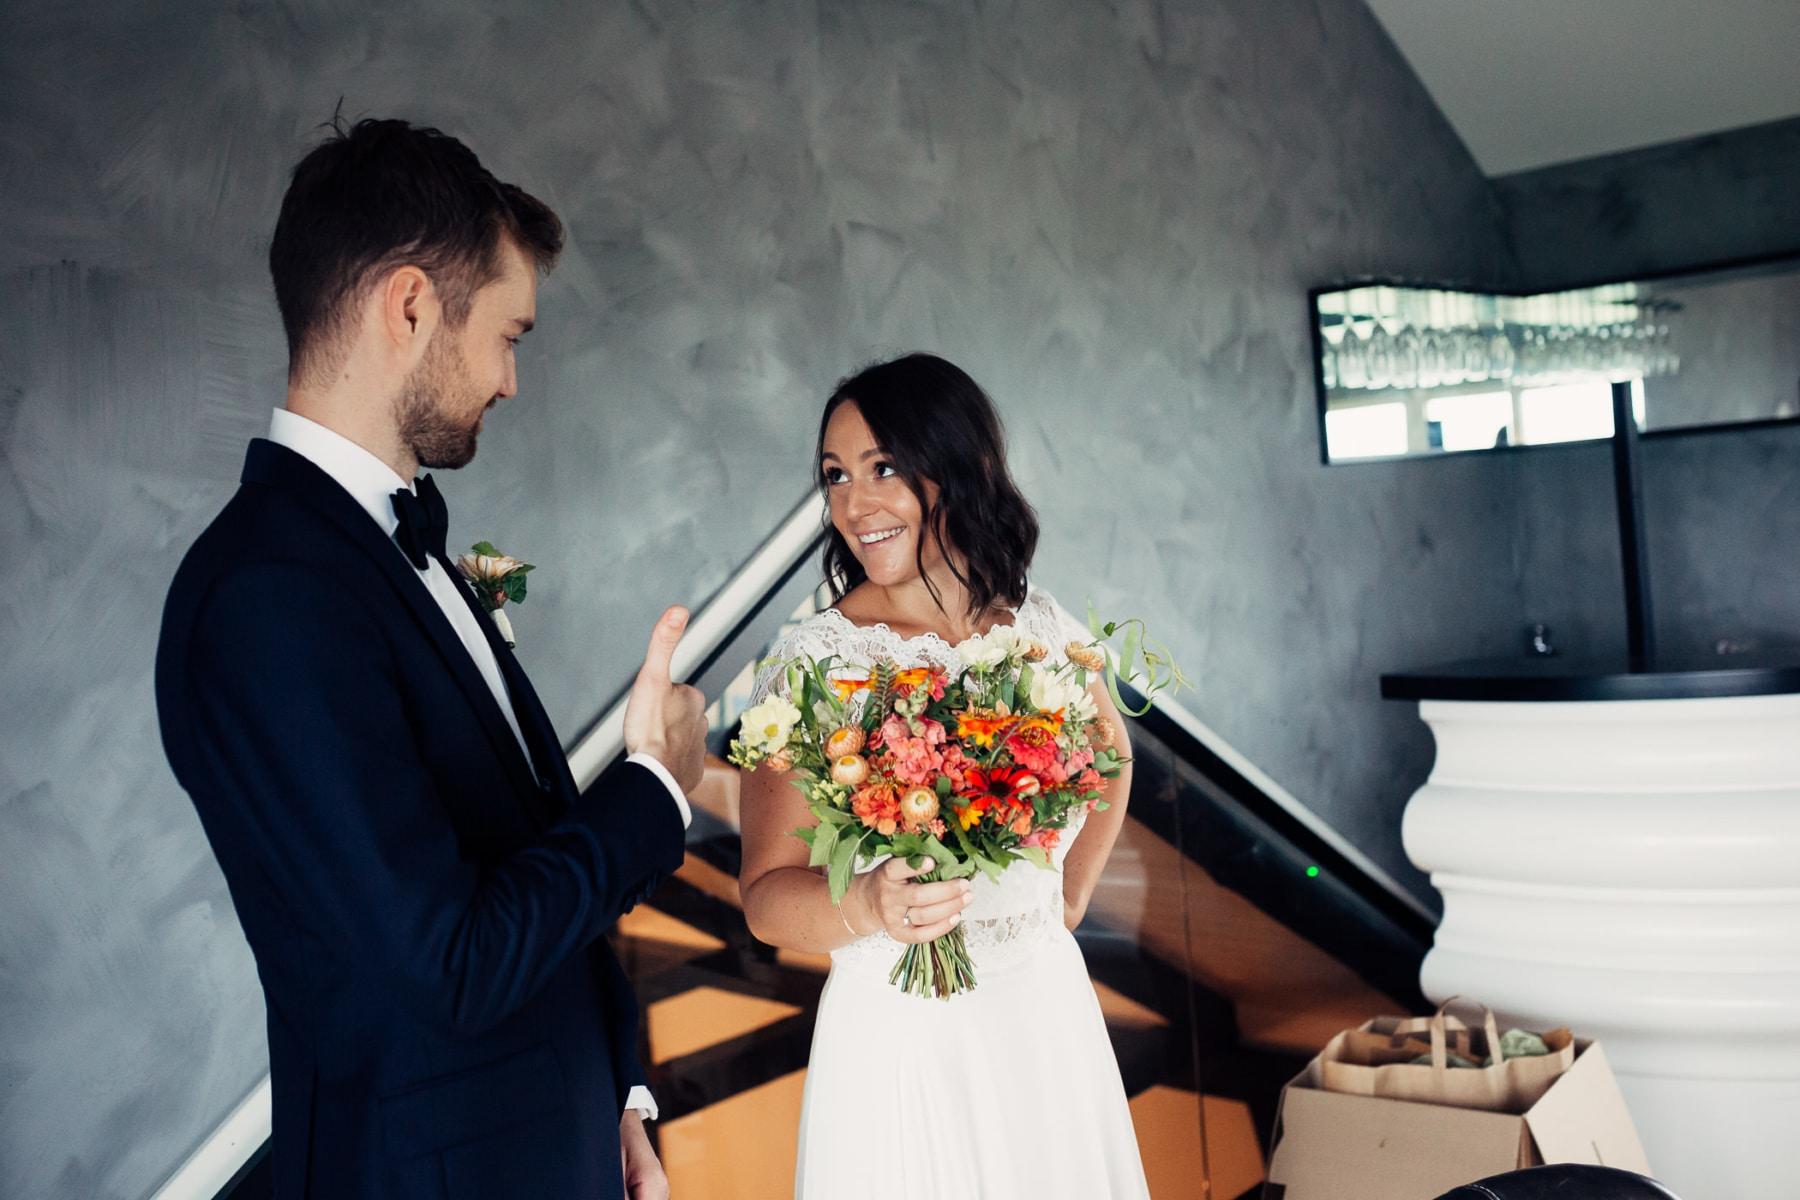 Caroline & Bendik - avslappet og morsomt bryllup i Ski Fotograf bryllup ski 27 Brudepar